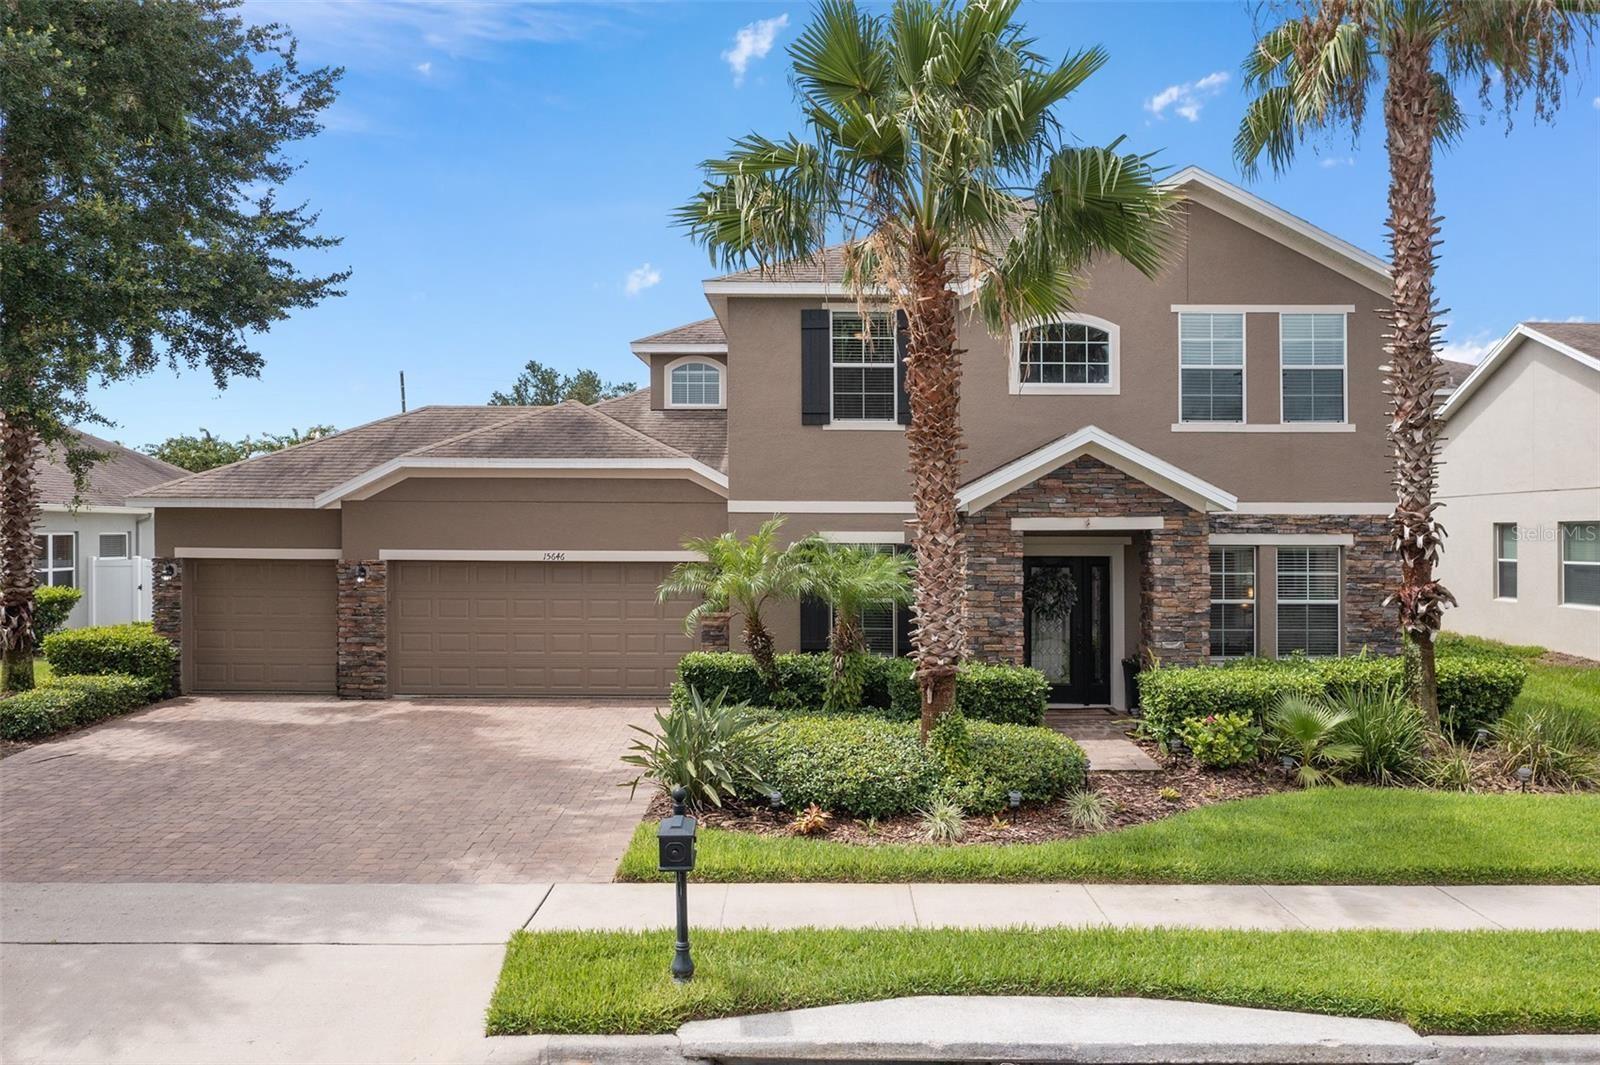 15646 GRANLUND STREET, Winter Garden, FL 34787 - #: O5956394